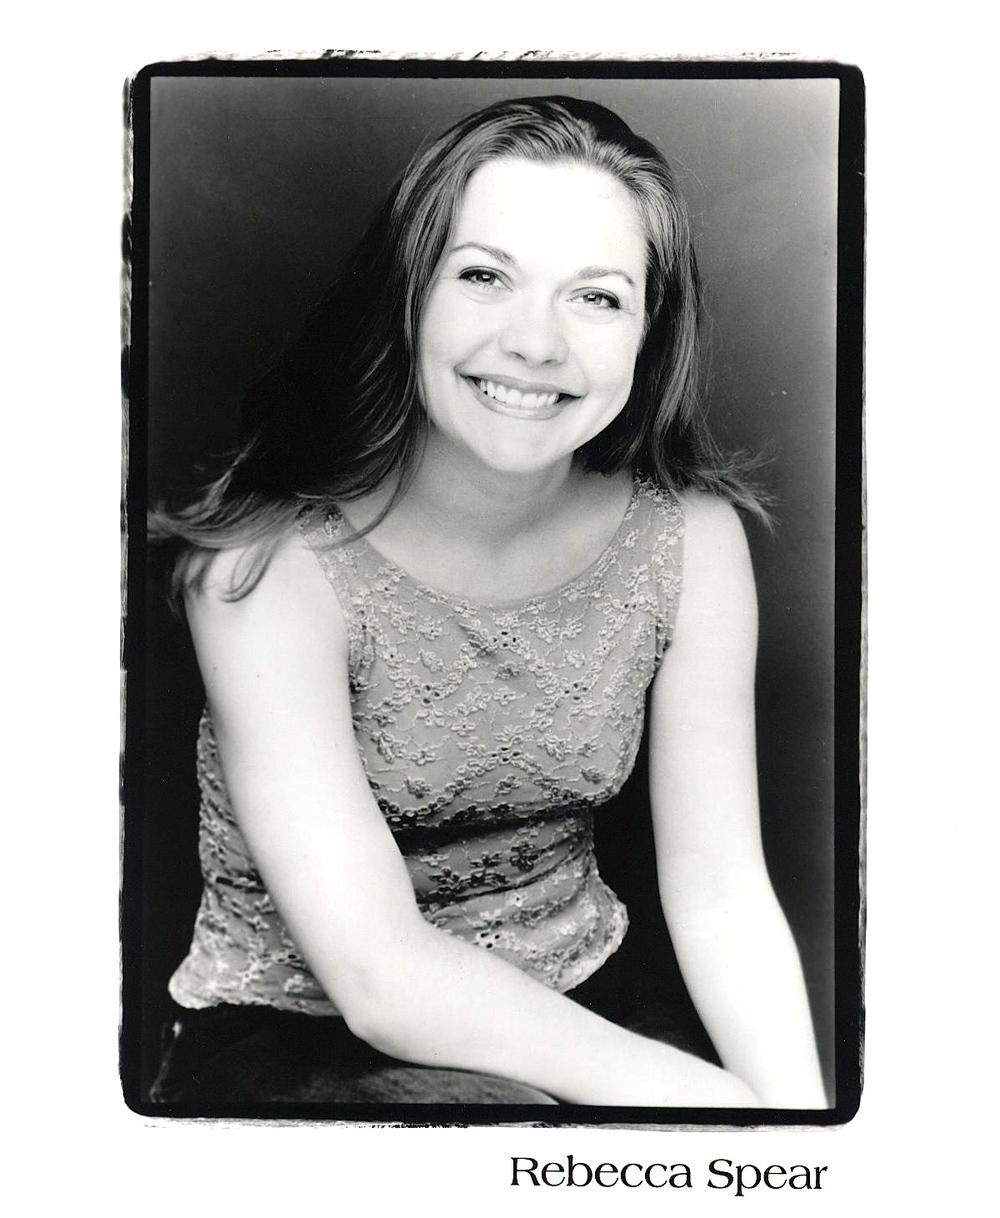 Rebecca Spear